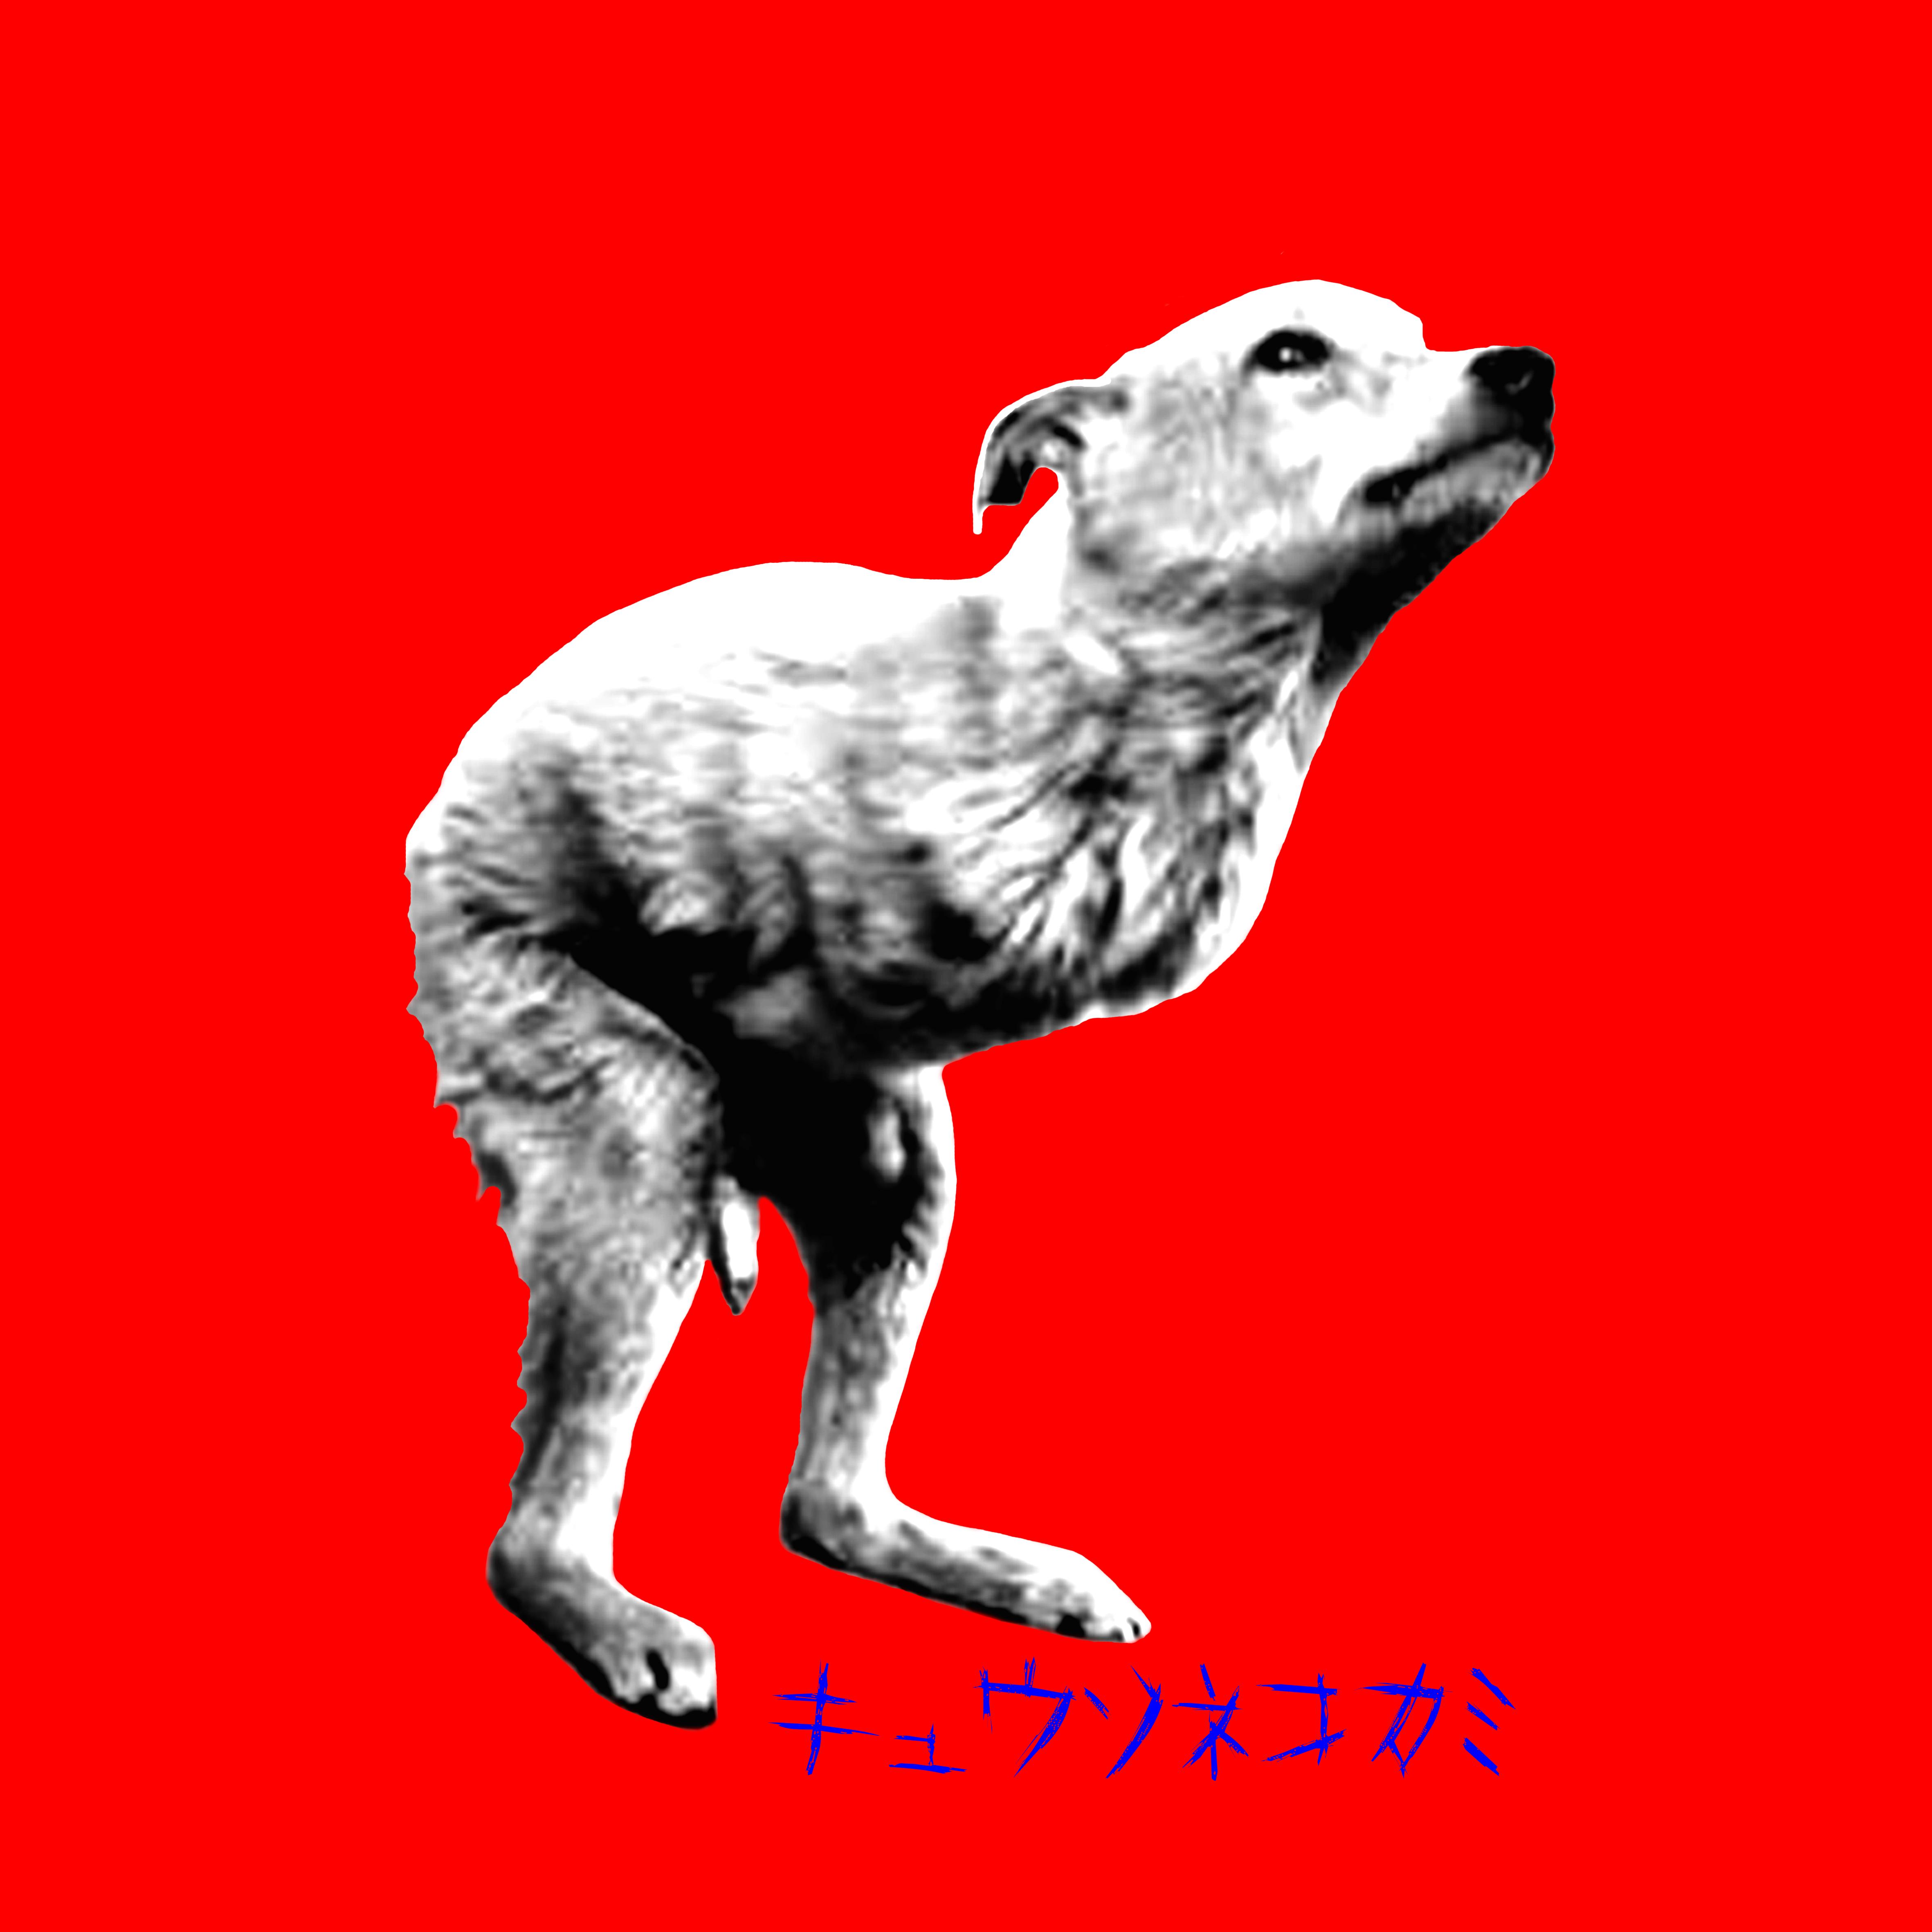 キュウソネコカミ(赤盤)